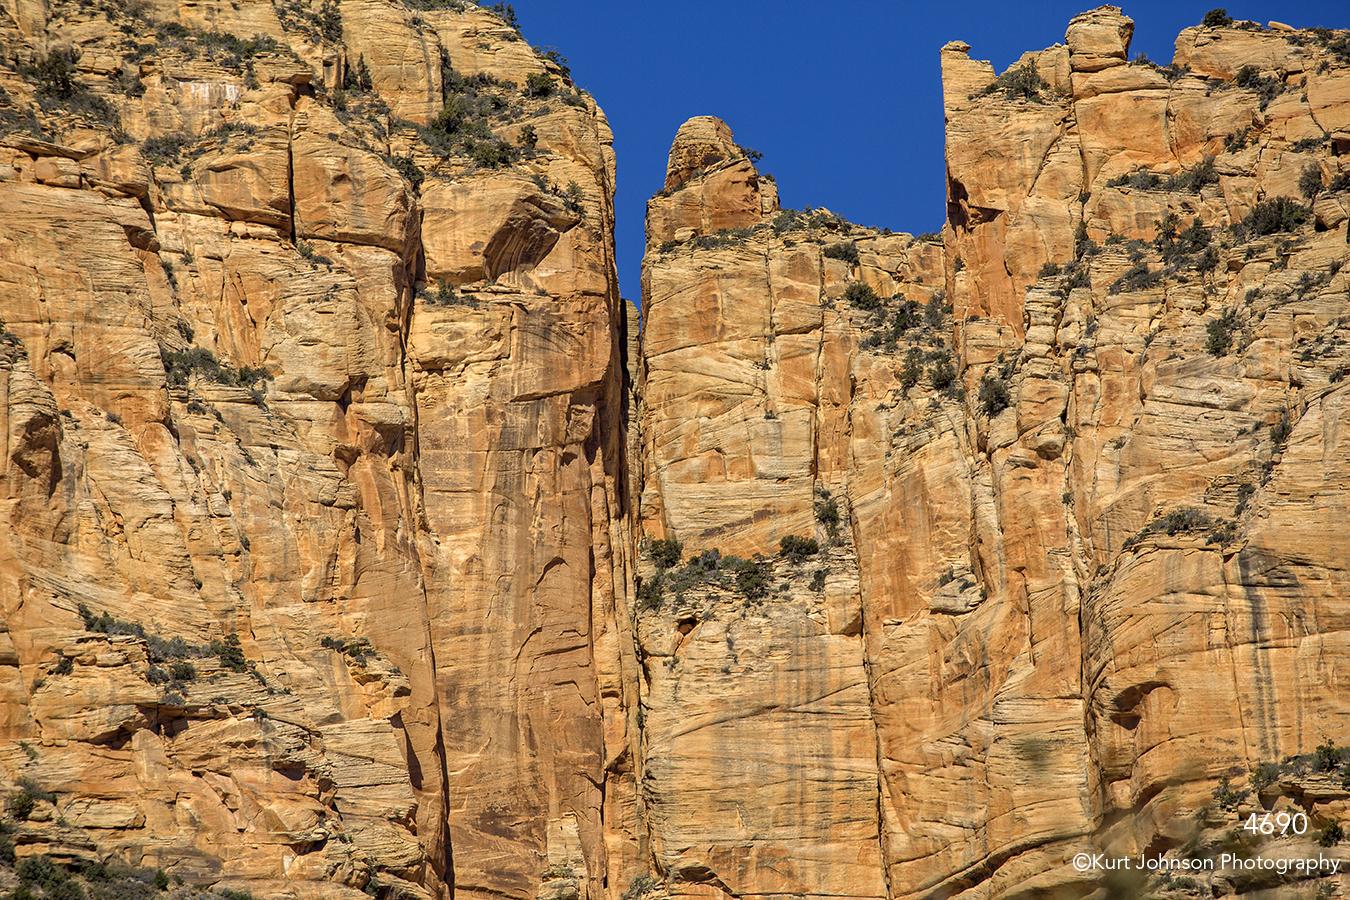 southwest cliffs rocks texture mountains